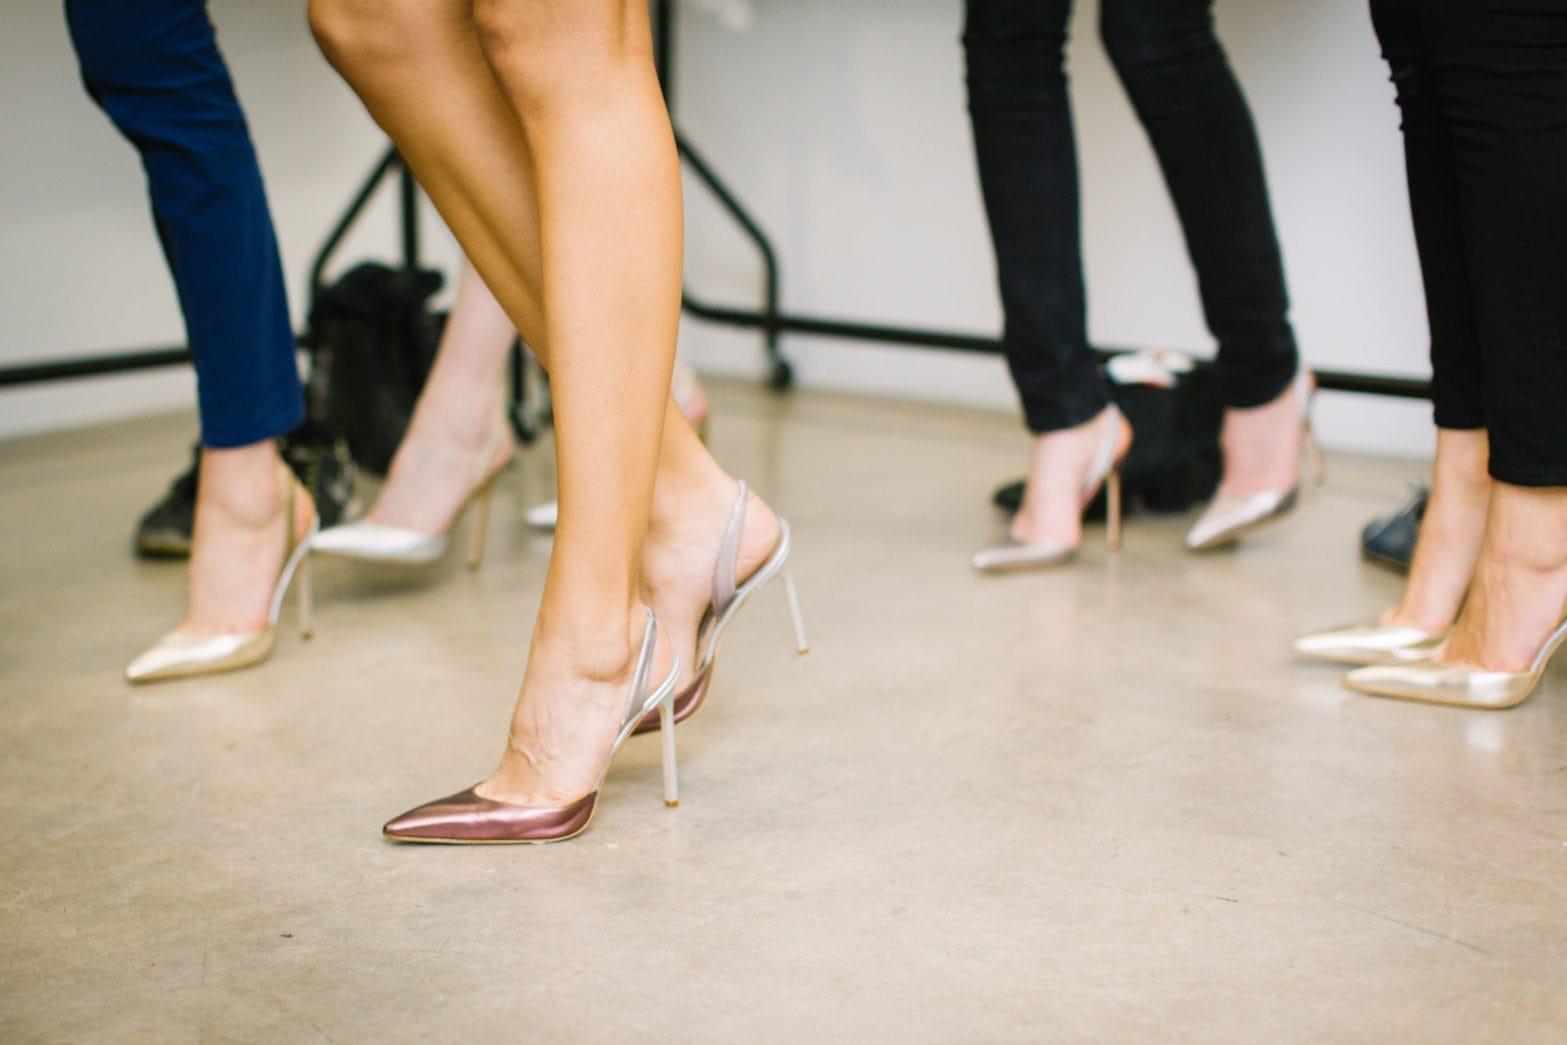 ChaussuresVraiment Tout Et Leurs Sur Les Femmes Tout Savoir rxBWCedo